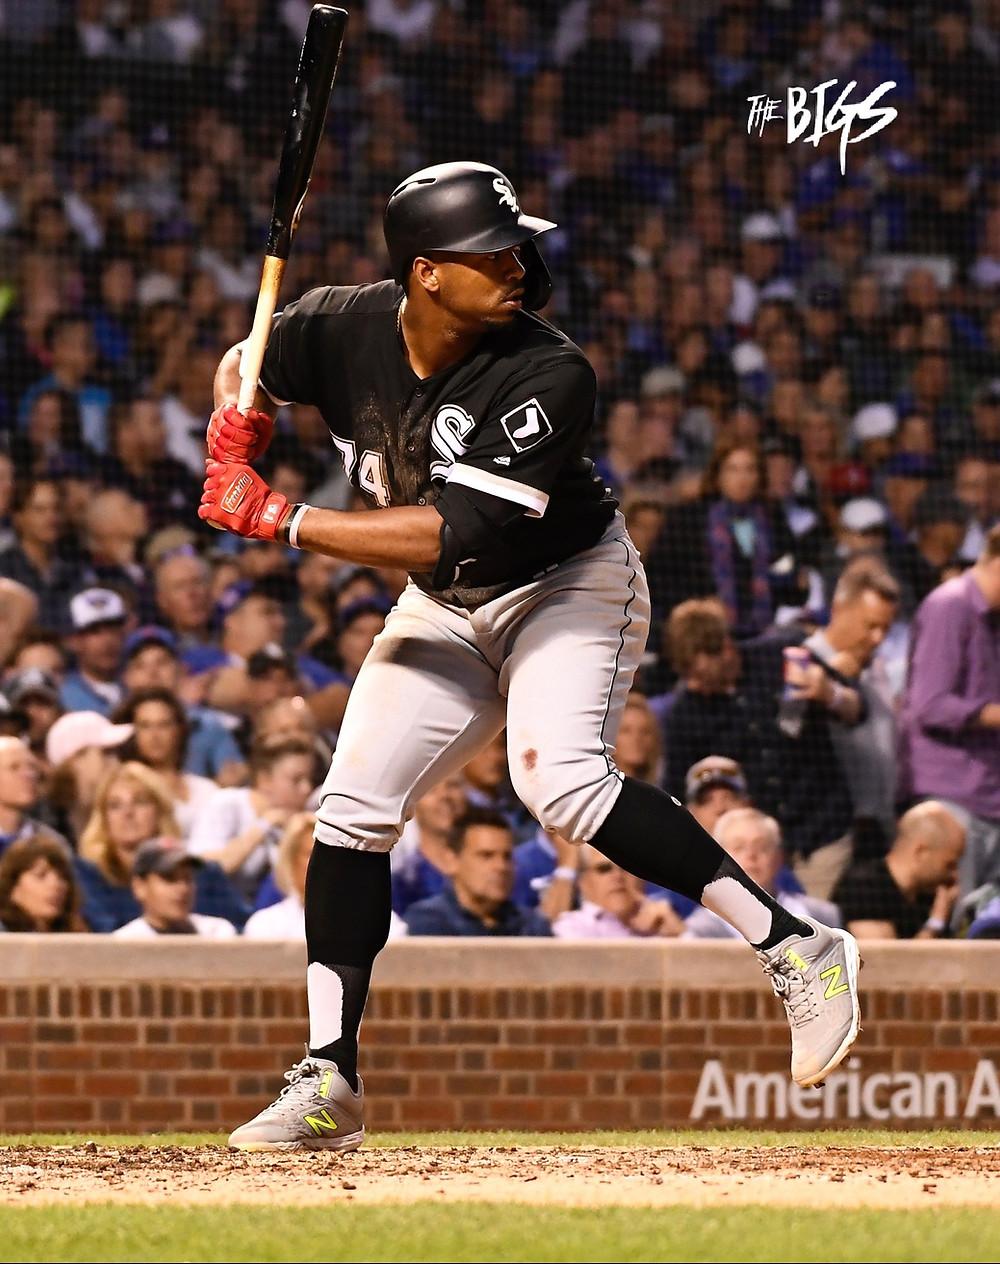 Eloy Jimenez' 2 run HR gave the Sox a 3-1 lead